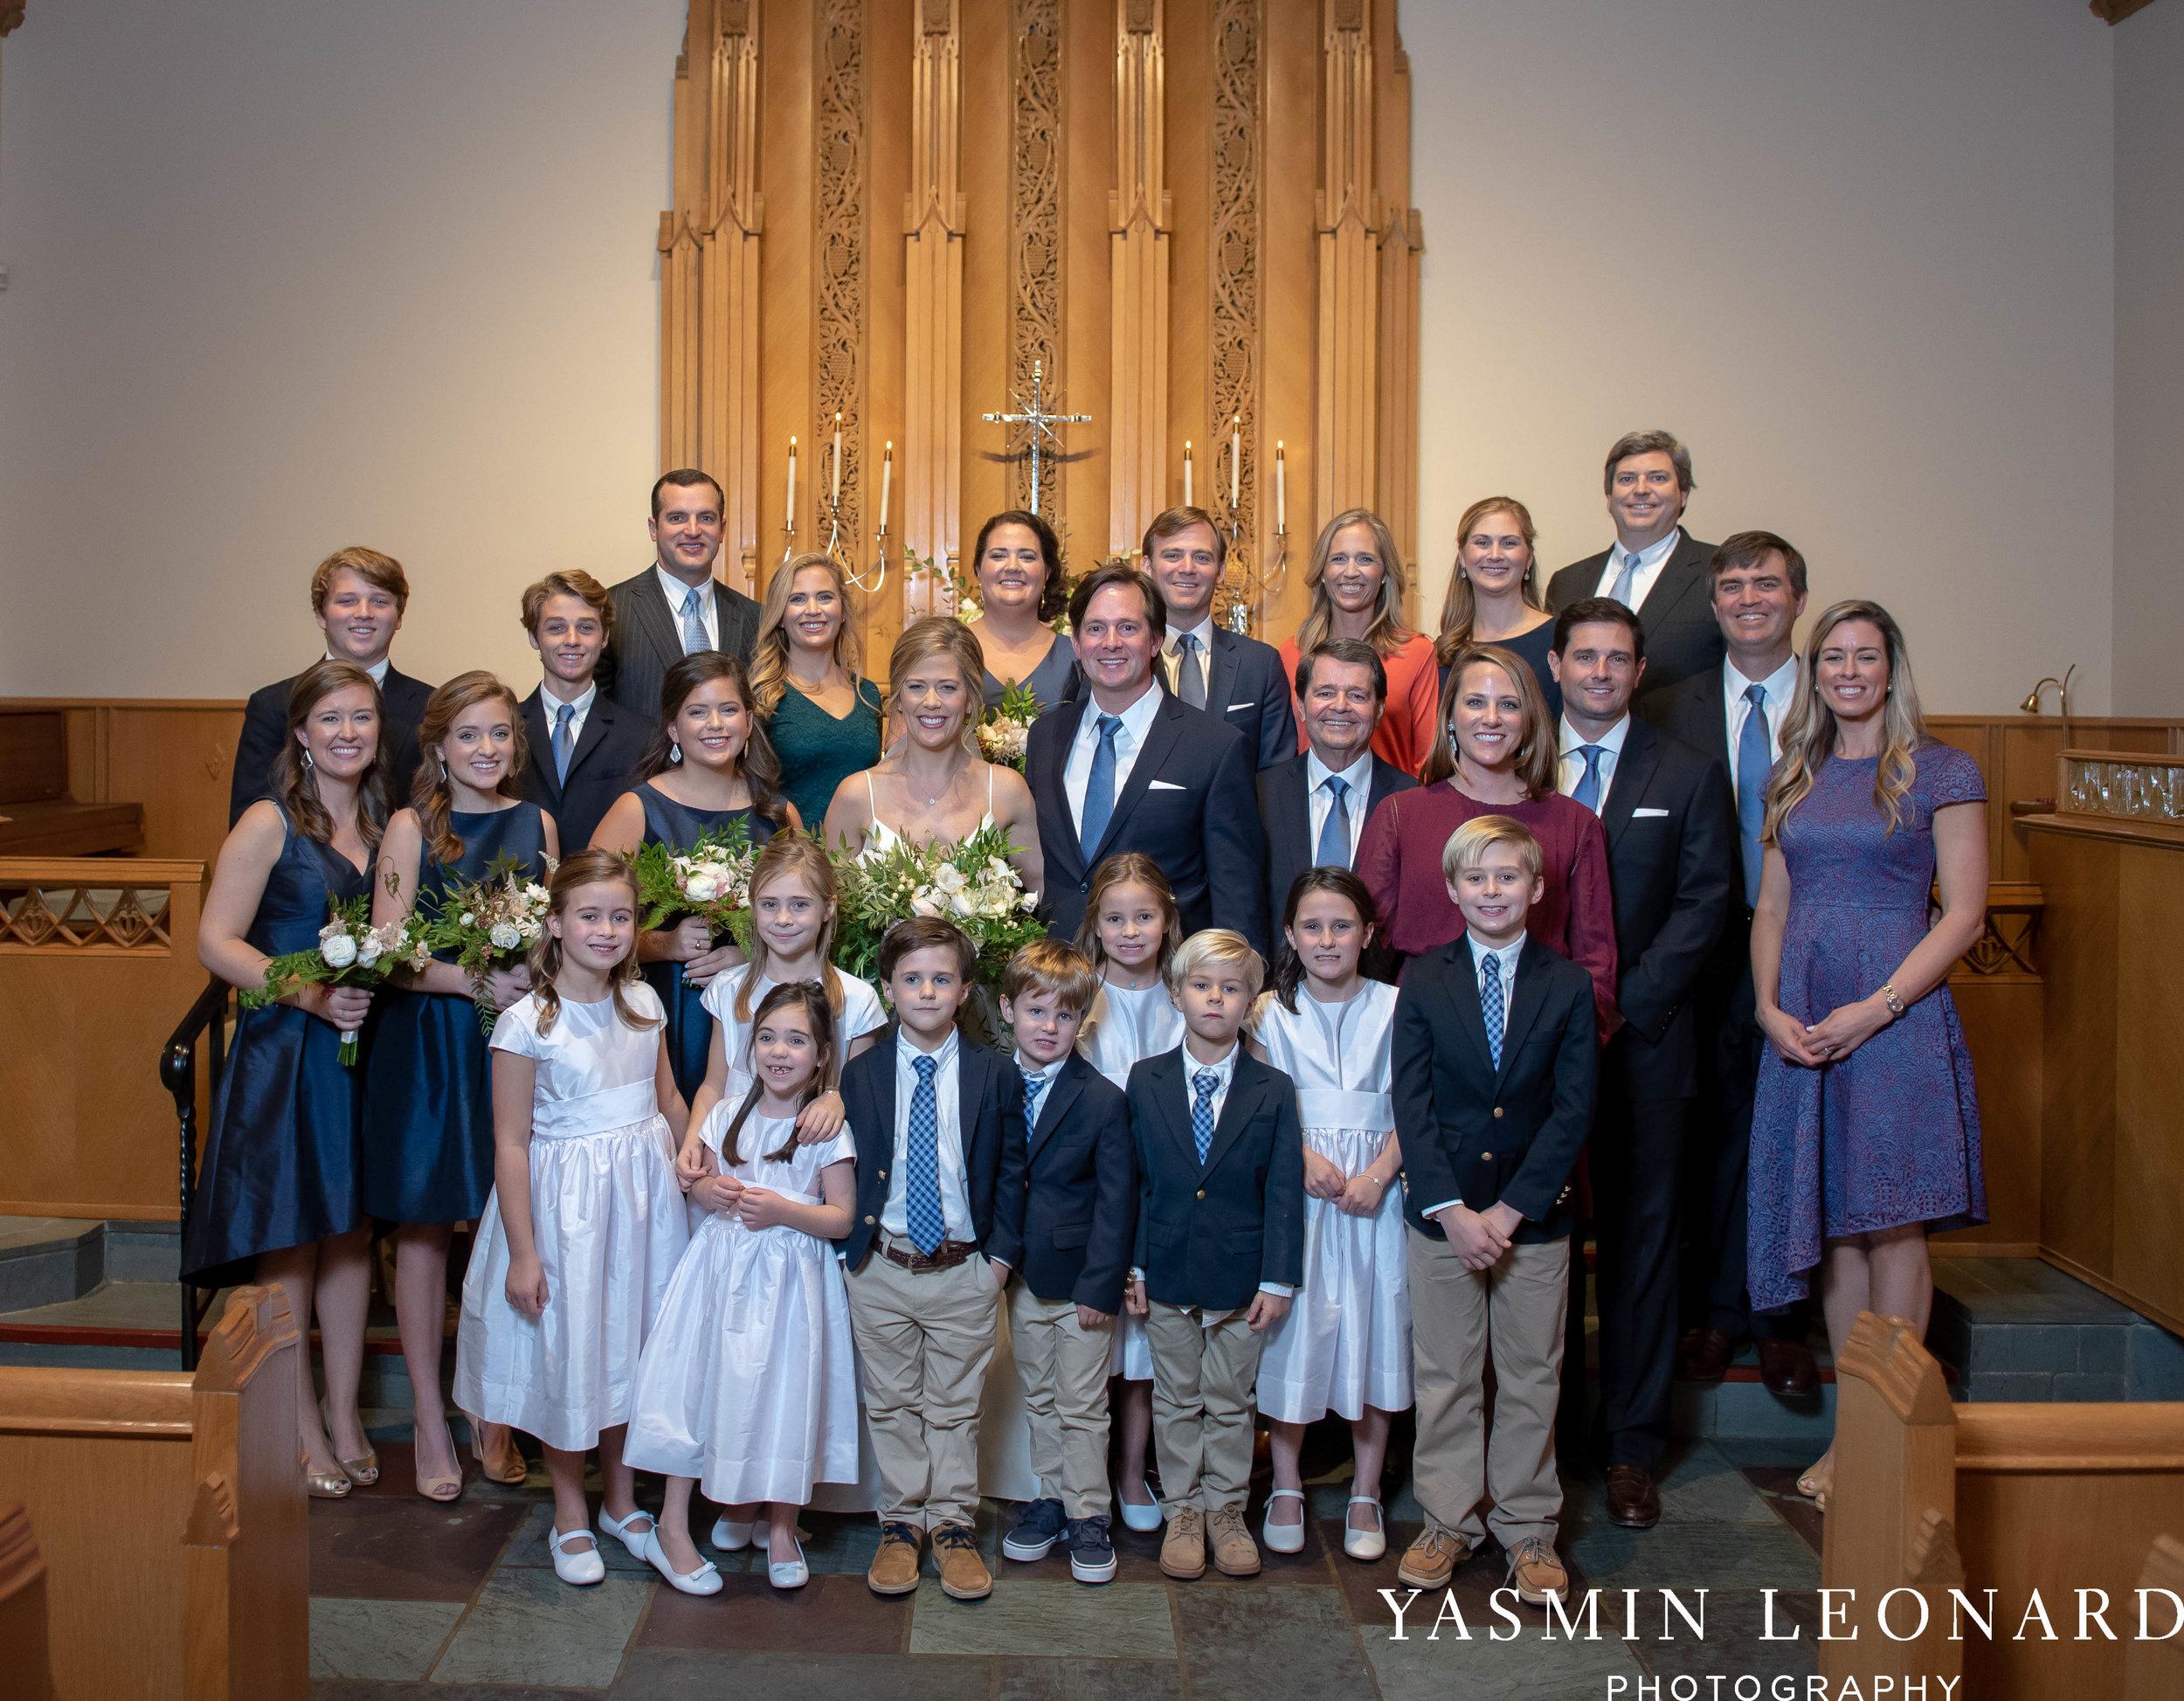 Wesley Memorial United Methodist Church - EmeryWood - High Point Weddings - High Point Wedding Photographer - NC Wedding Photographer - Yasmin Leonard Photography-31.jpg